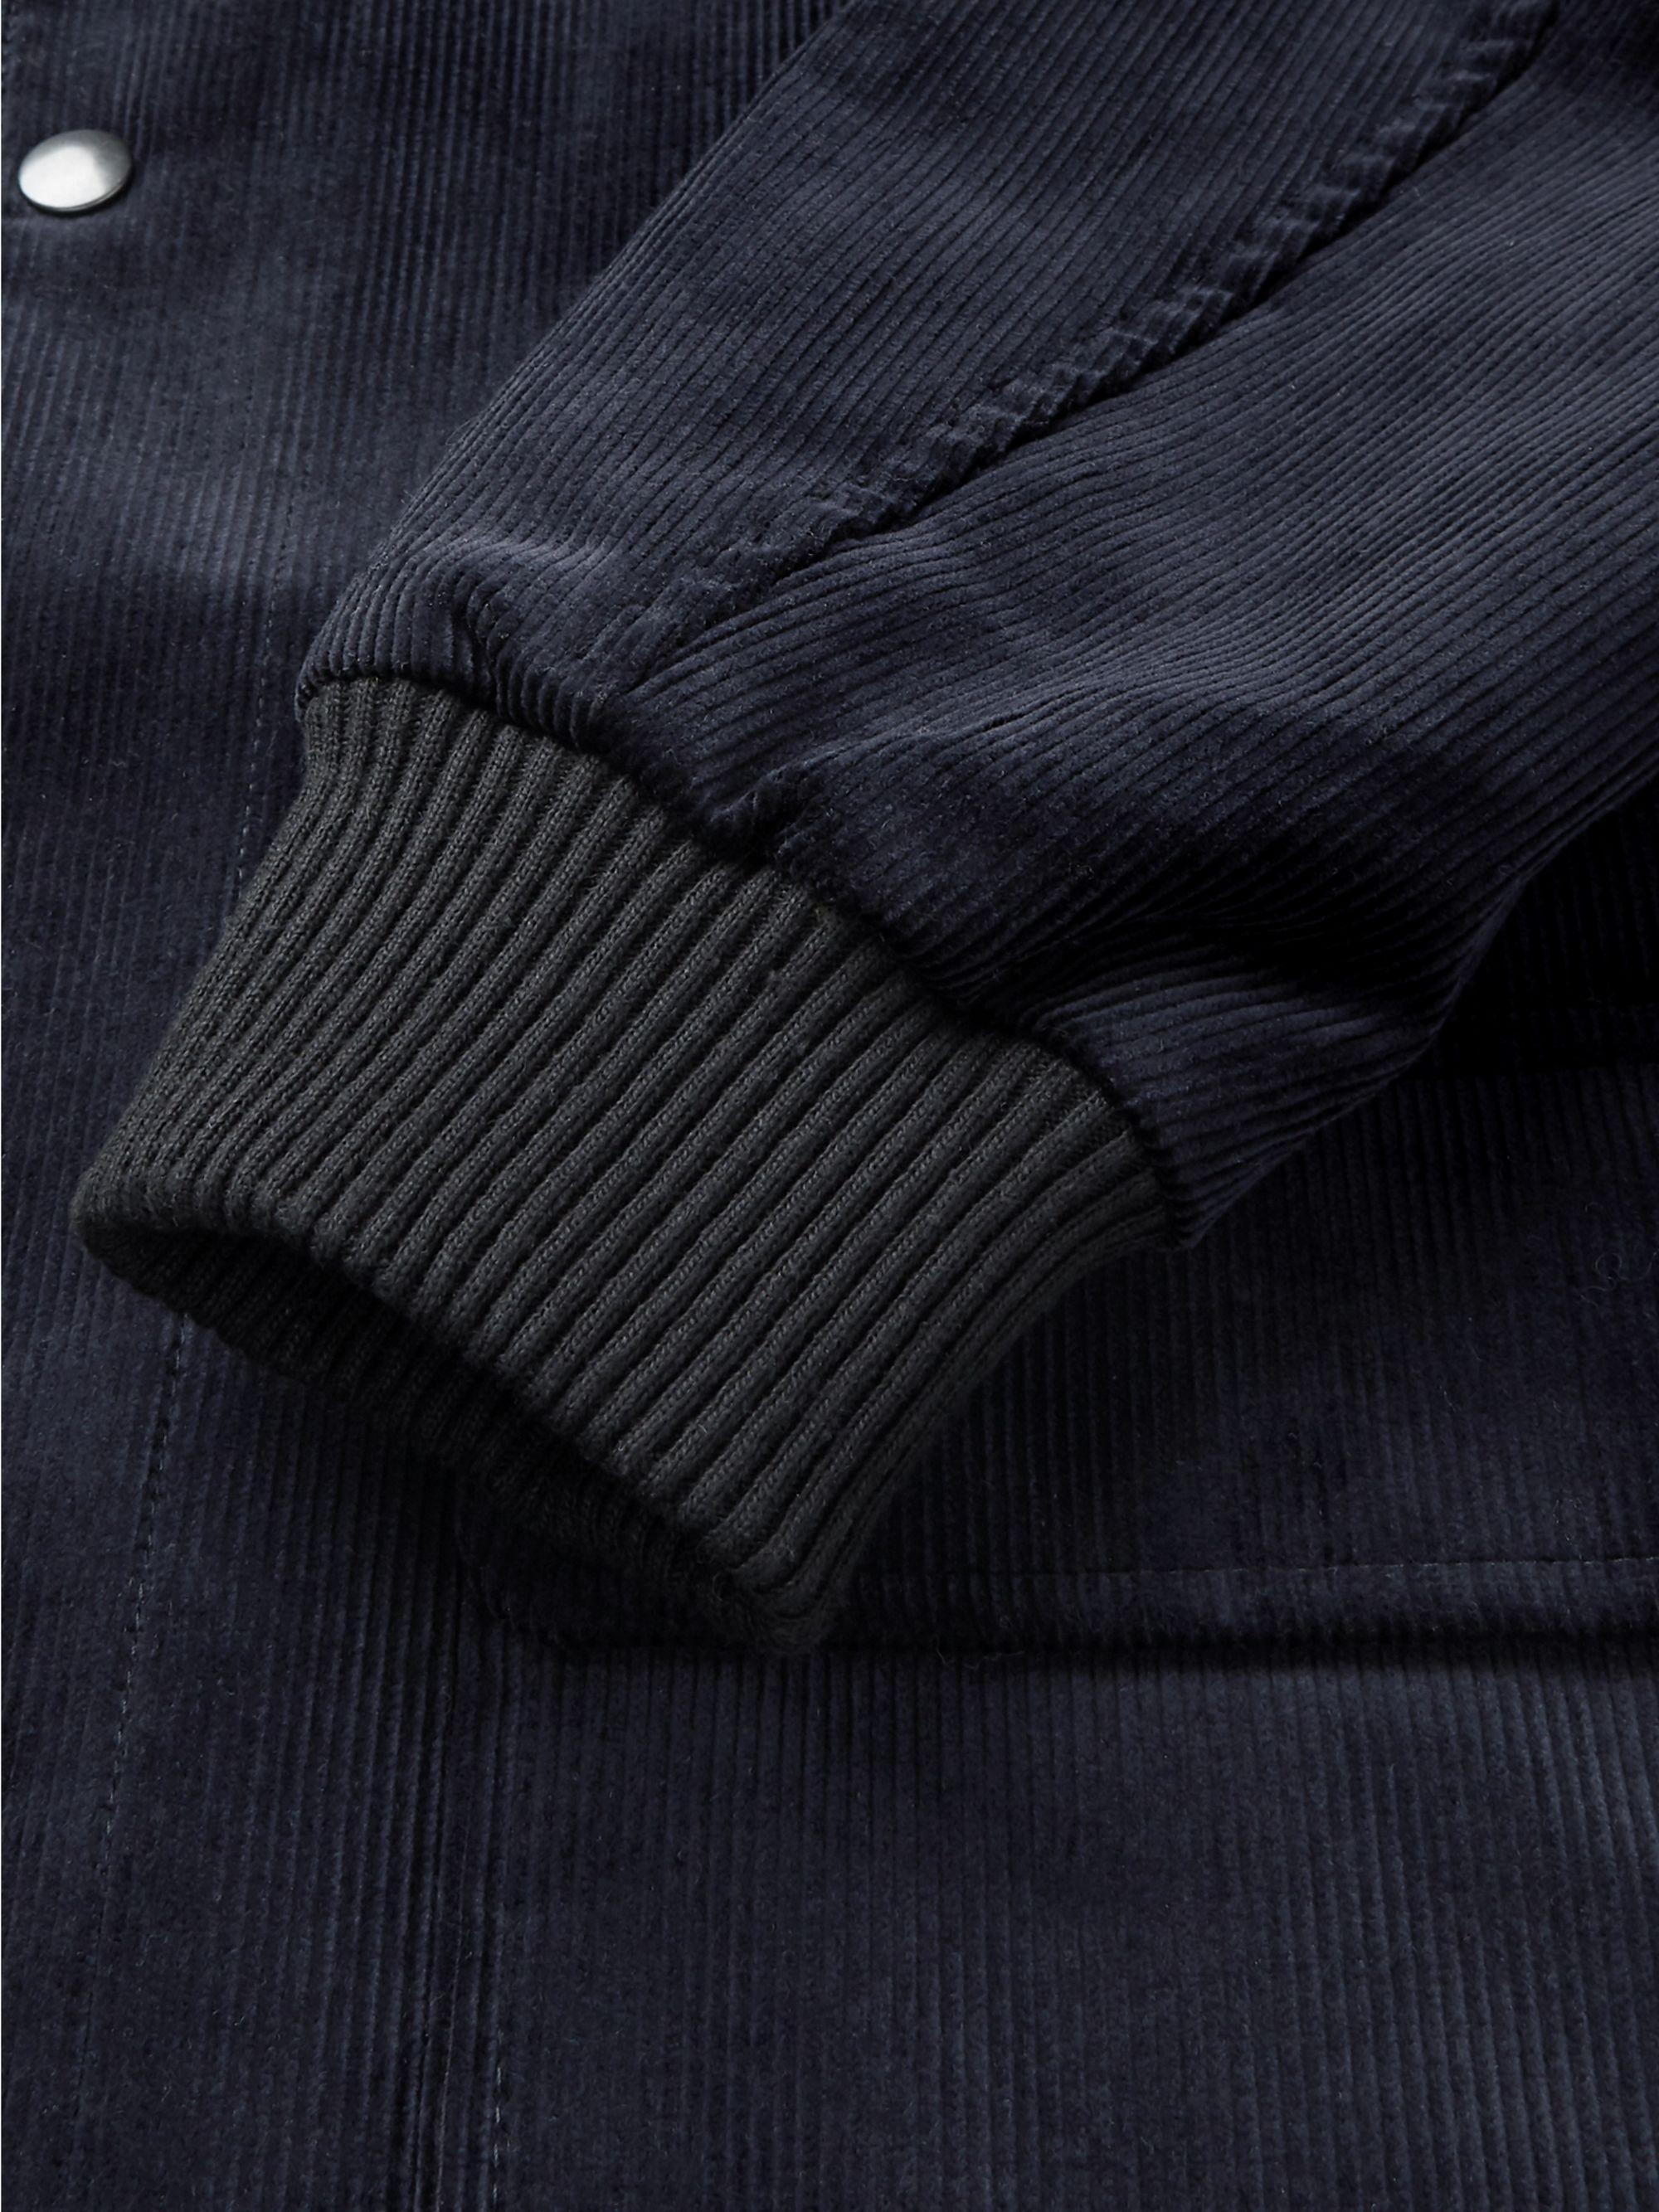 d4a5dc9b3 Berwick Cotton-Corduroy Bomber Jacket